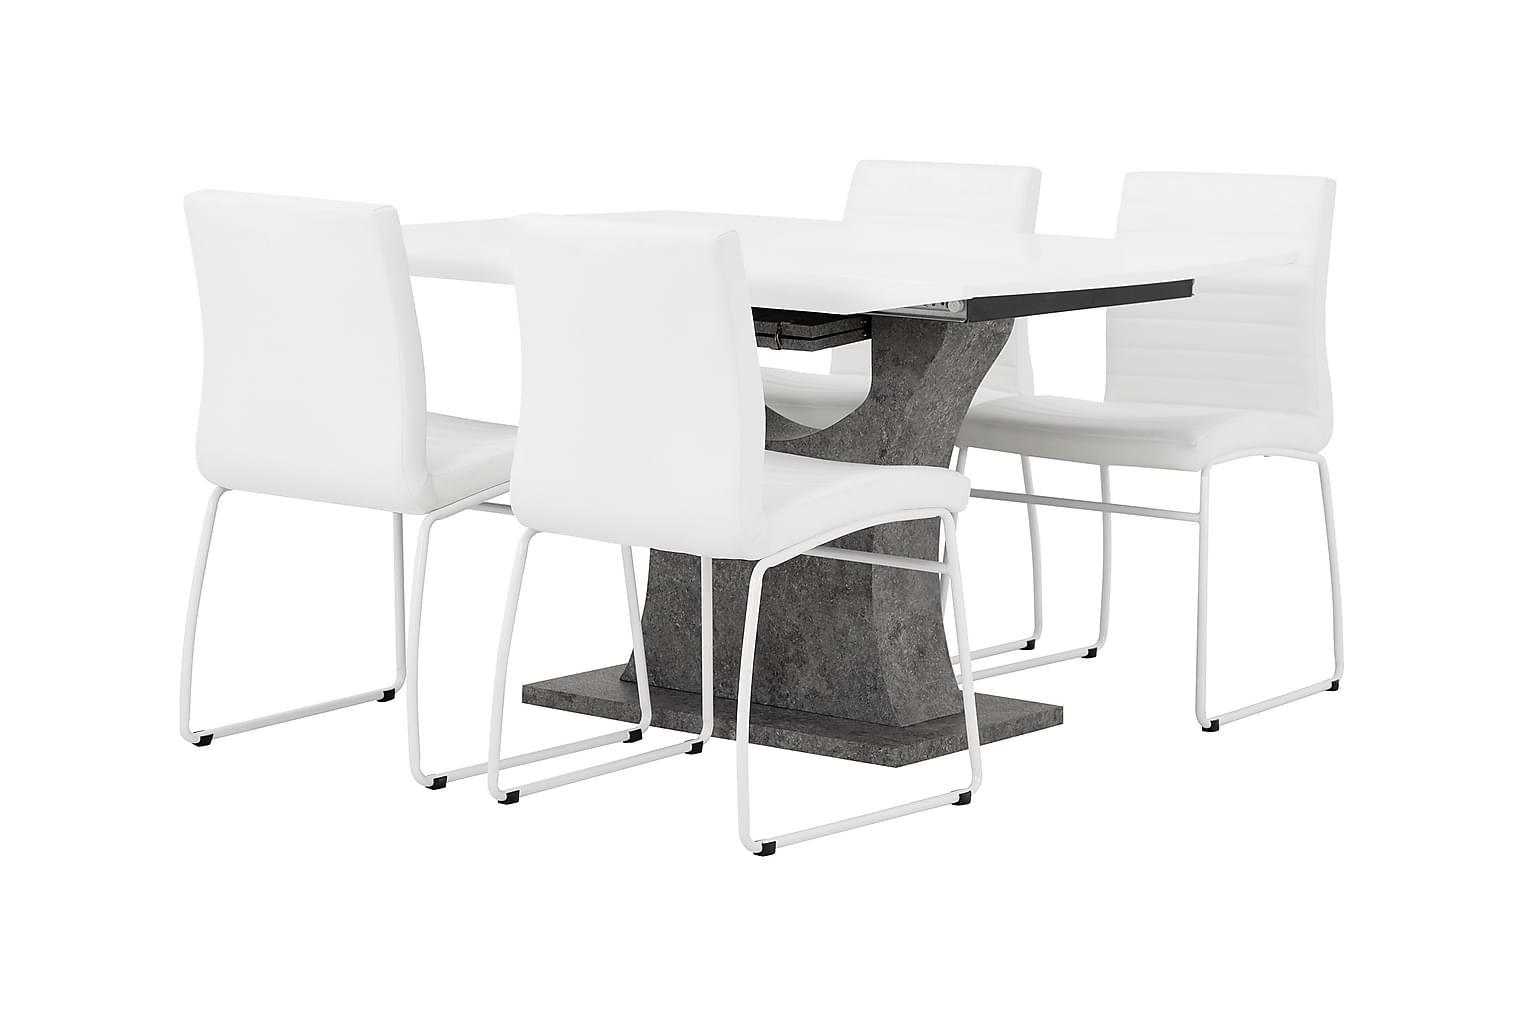 ELLA Pöytä 140 Valkoinen/Betoni + 4 FRIO Tuoli Valkoinen